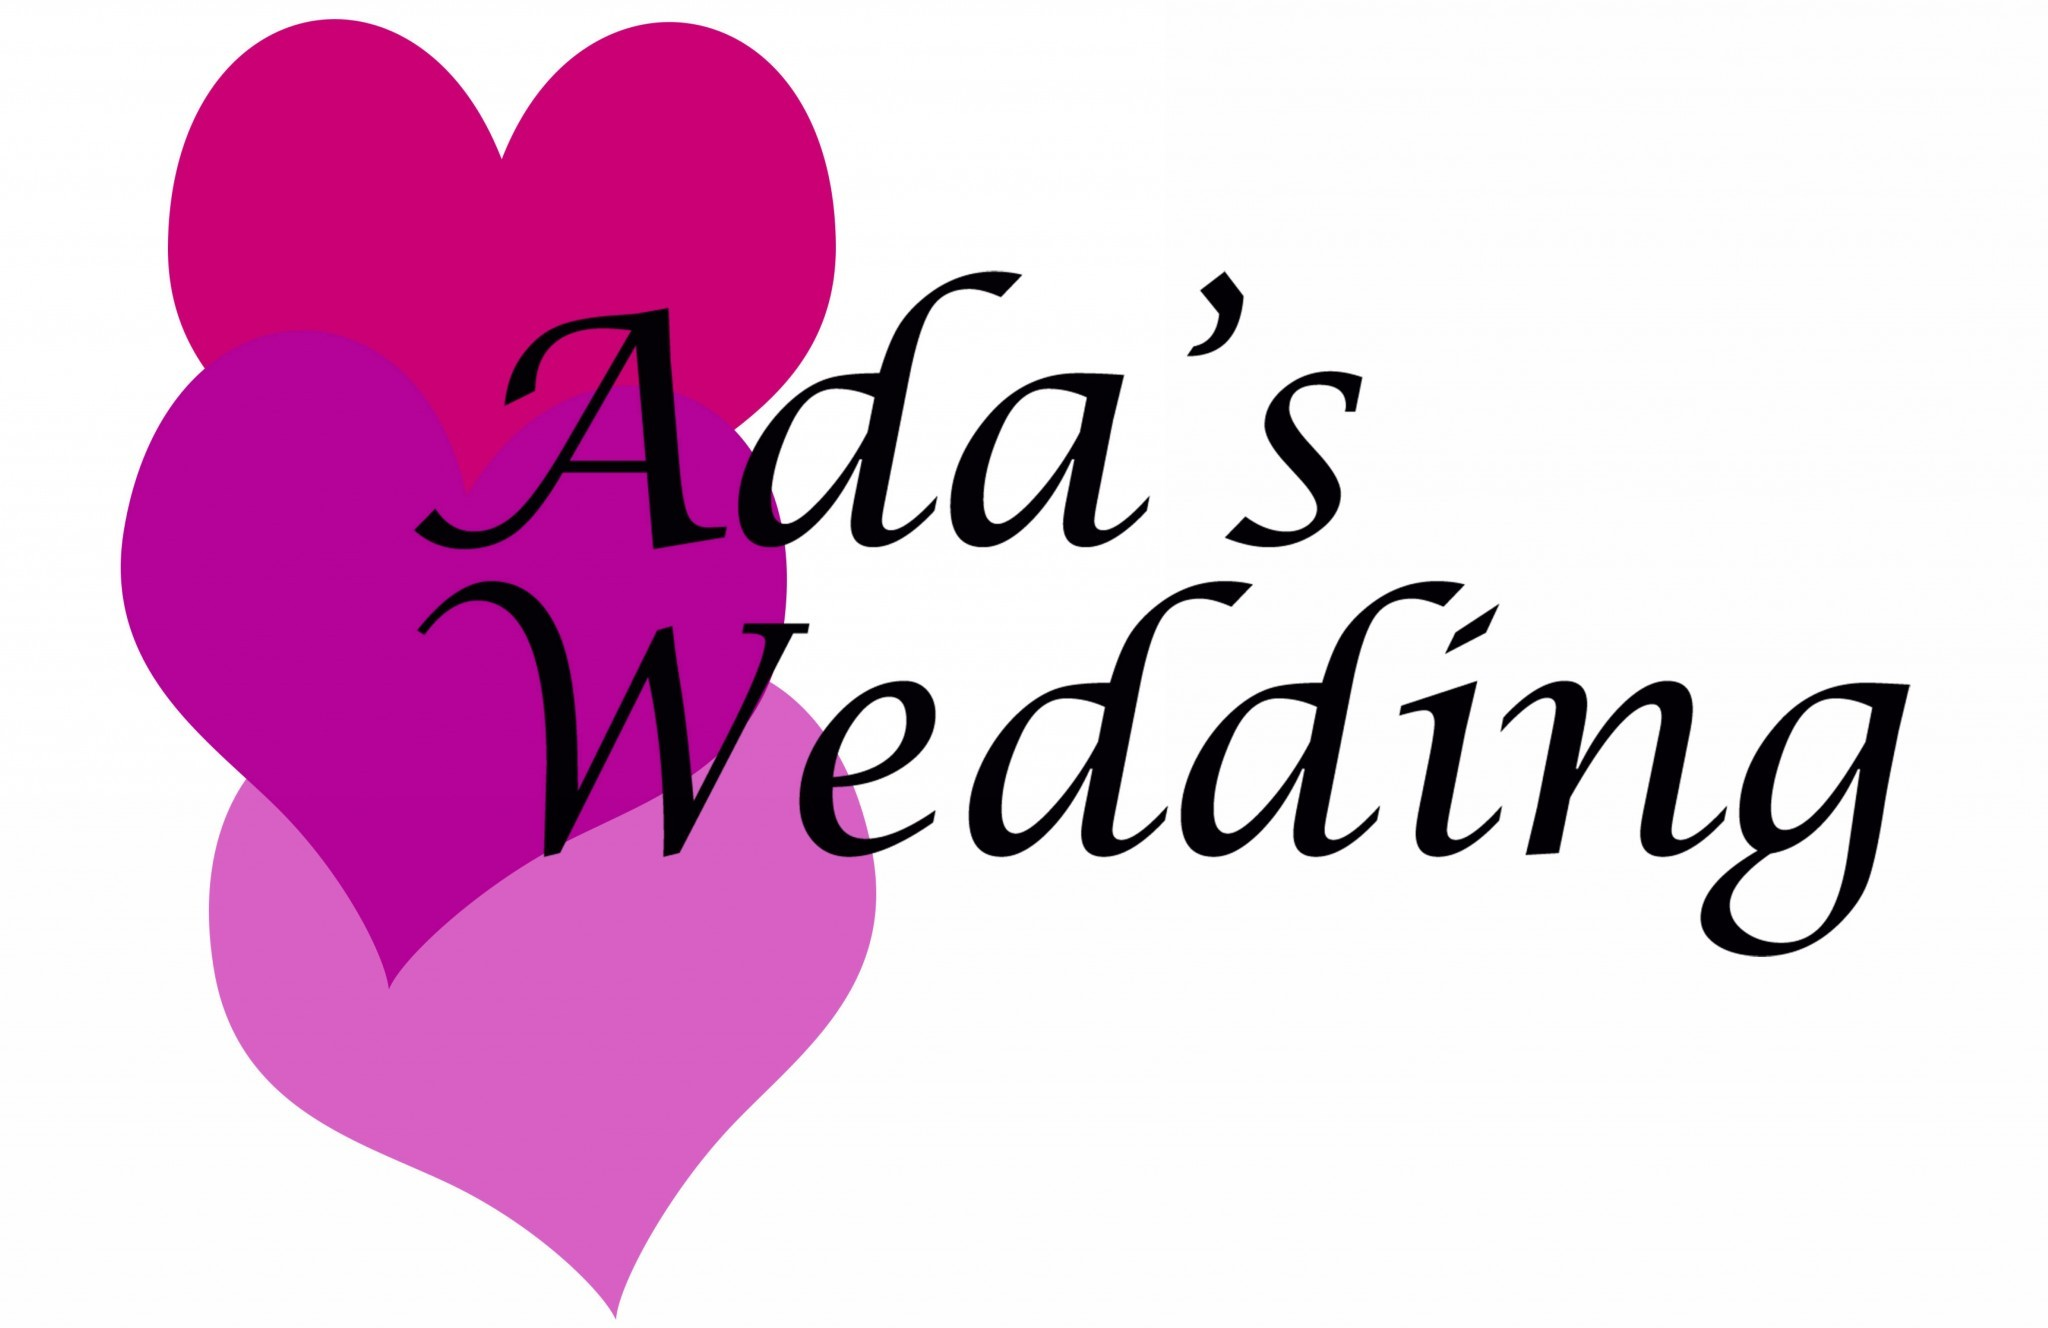 Ada's Weddingl一站式婚禮統籌專家l喬價錢I控制預算I星级婚禮統籌師I星级婚禮司儀I司儀統籌課程